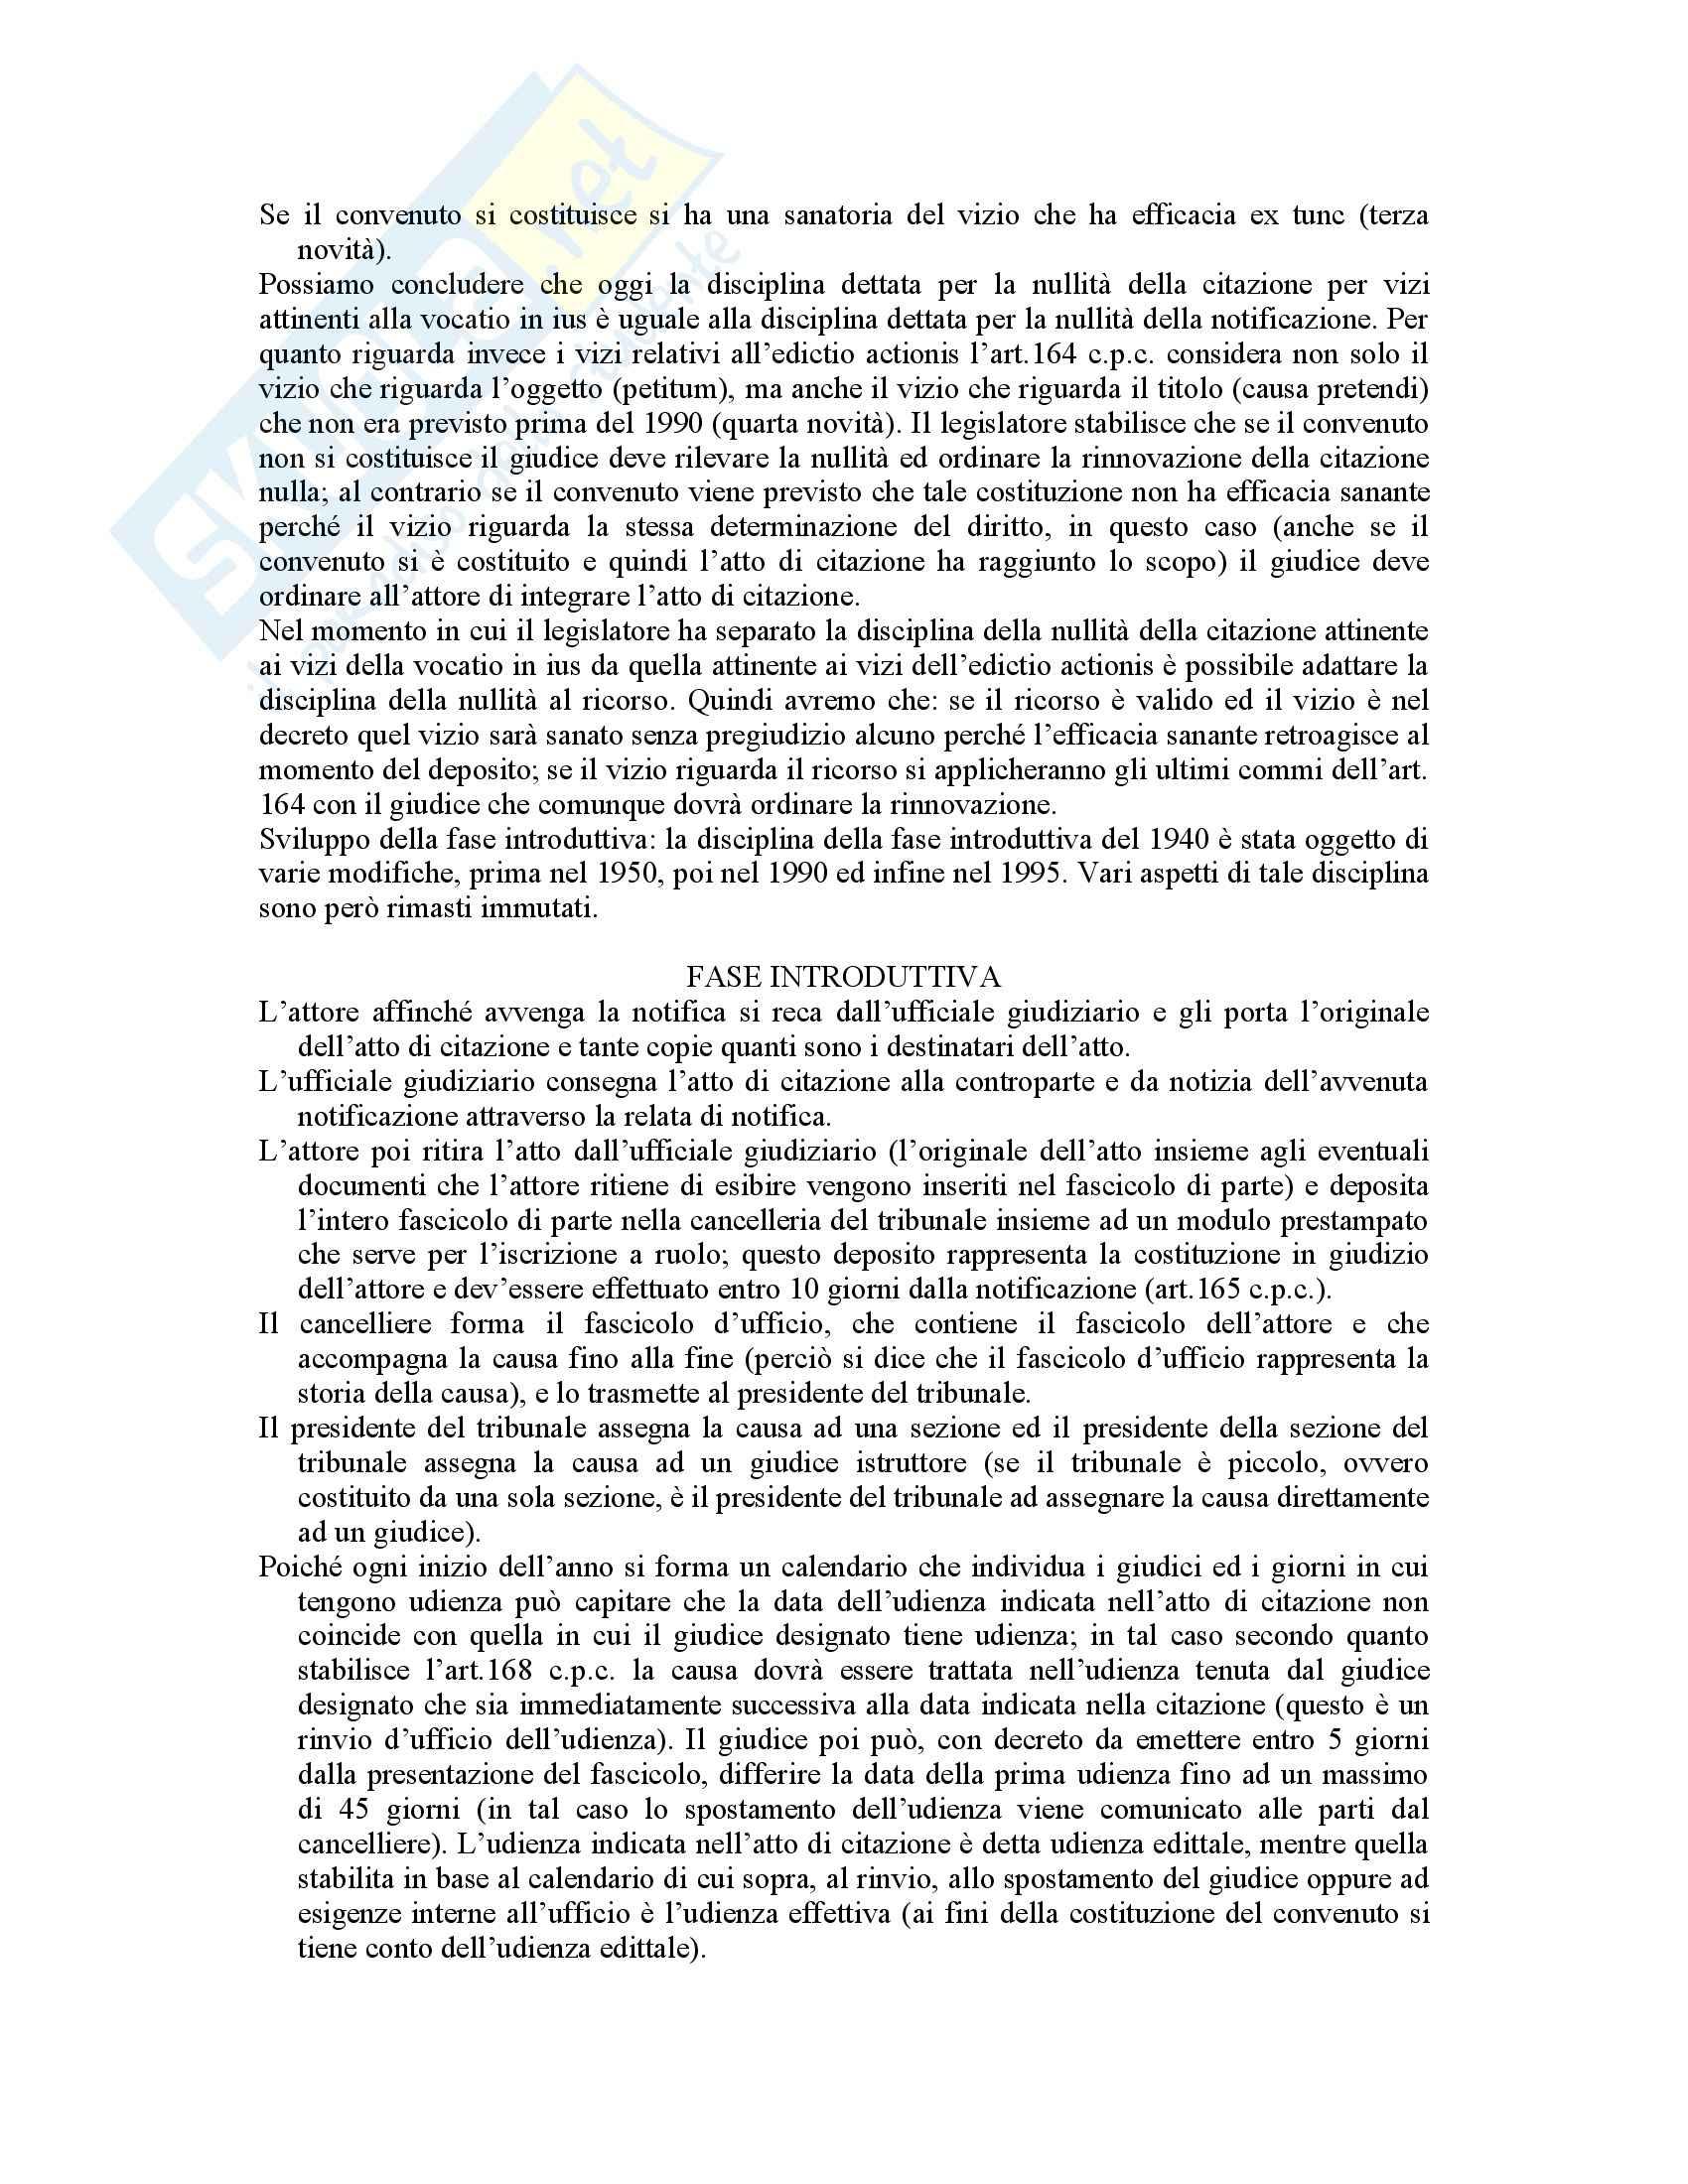 Diritto Processuale civile - Corso completo Pag. 46